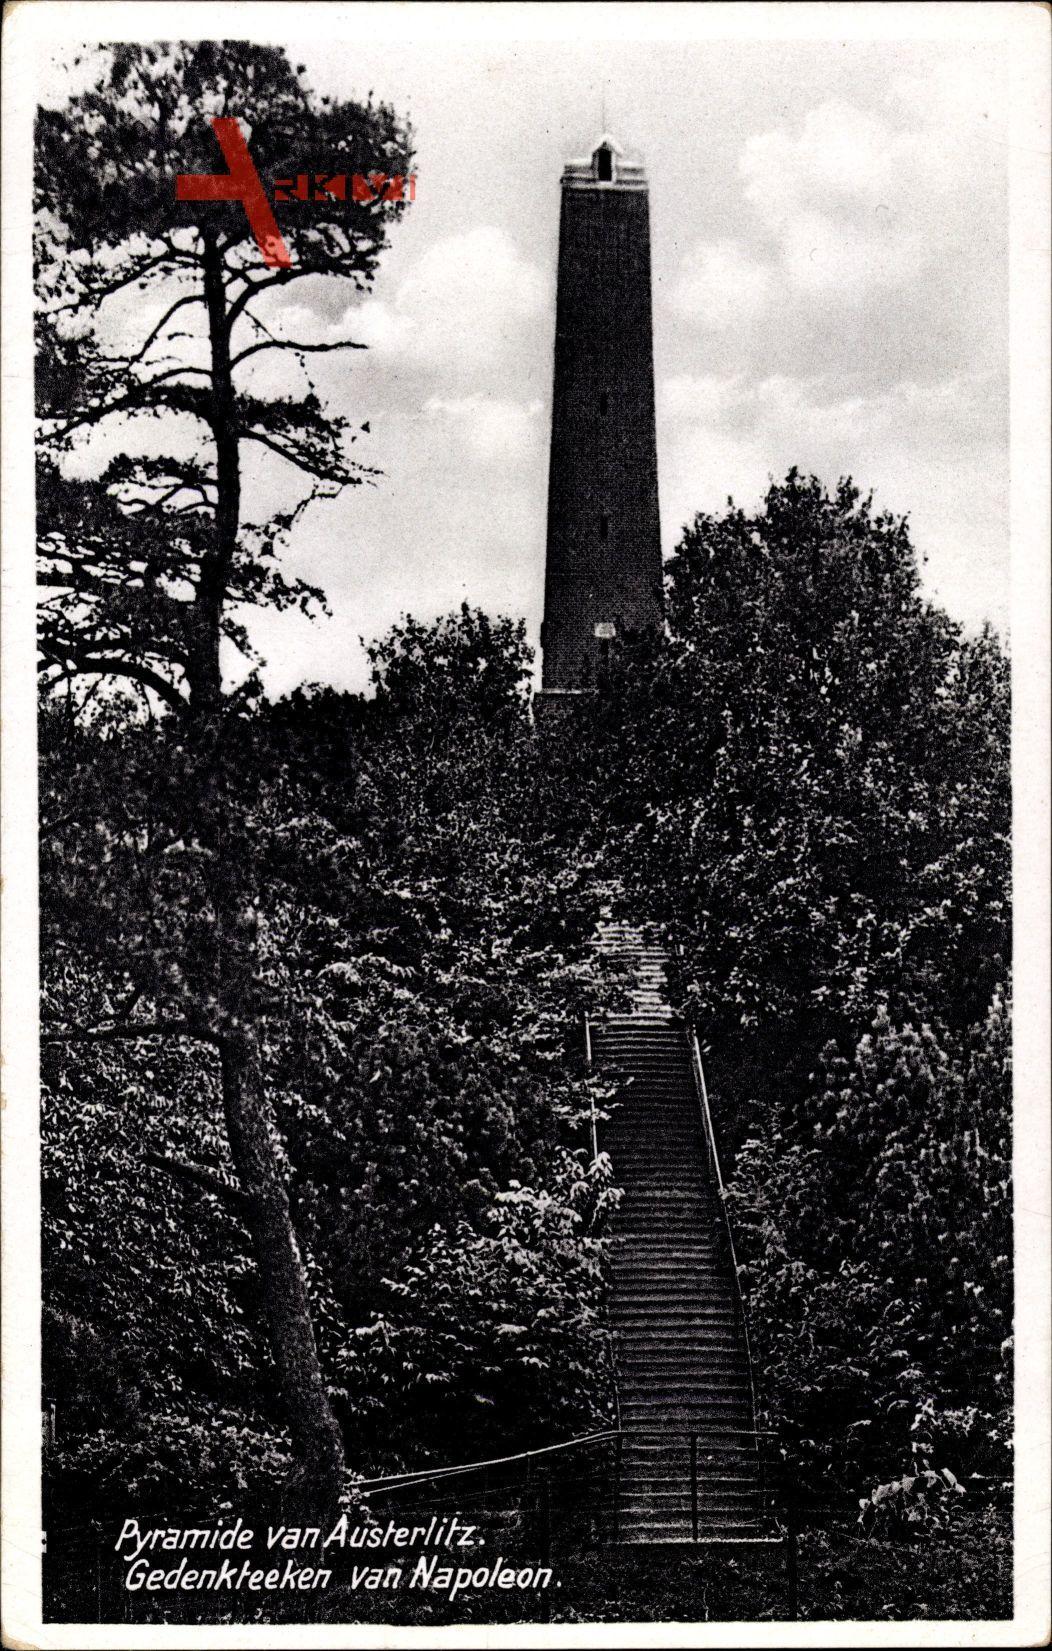 Woudenberg Utrecht Niederlande, Pyramide van Austerlitz, Gedenkteen Napoleon